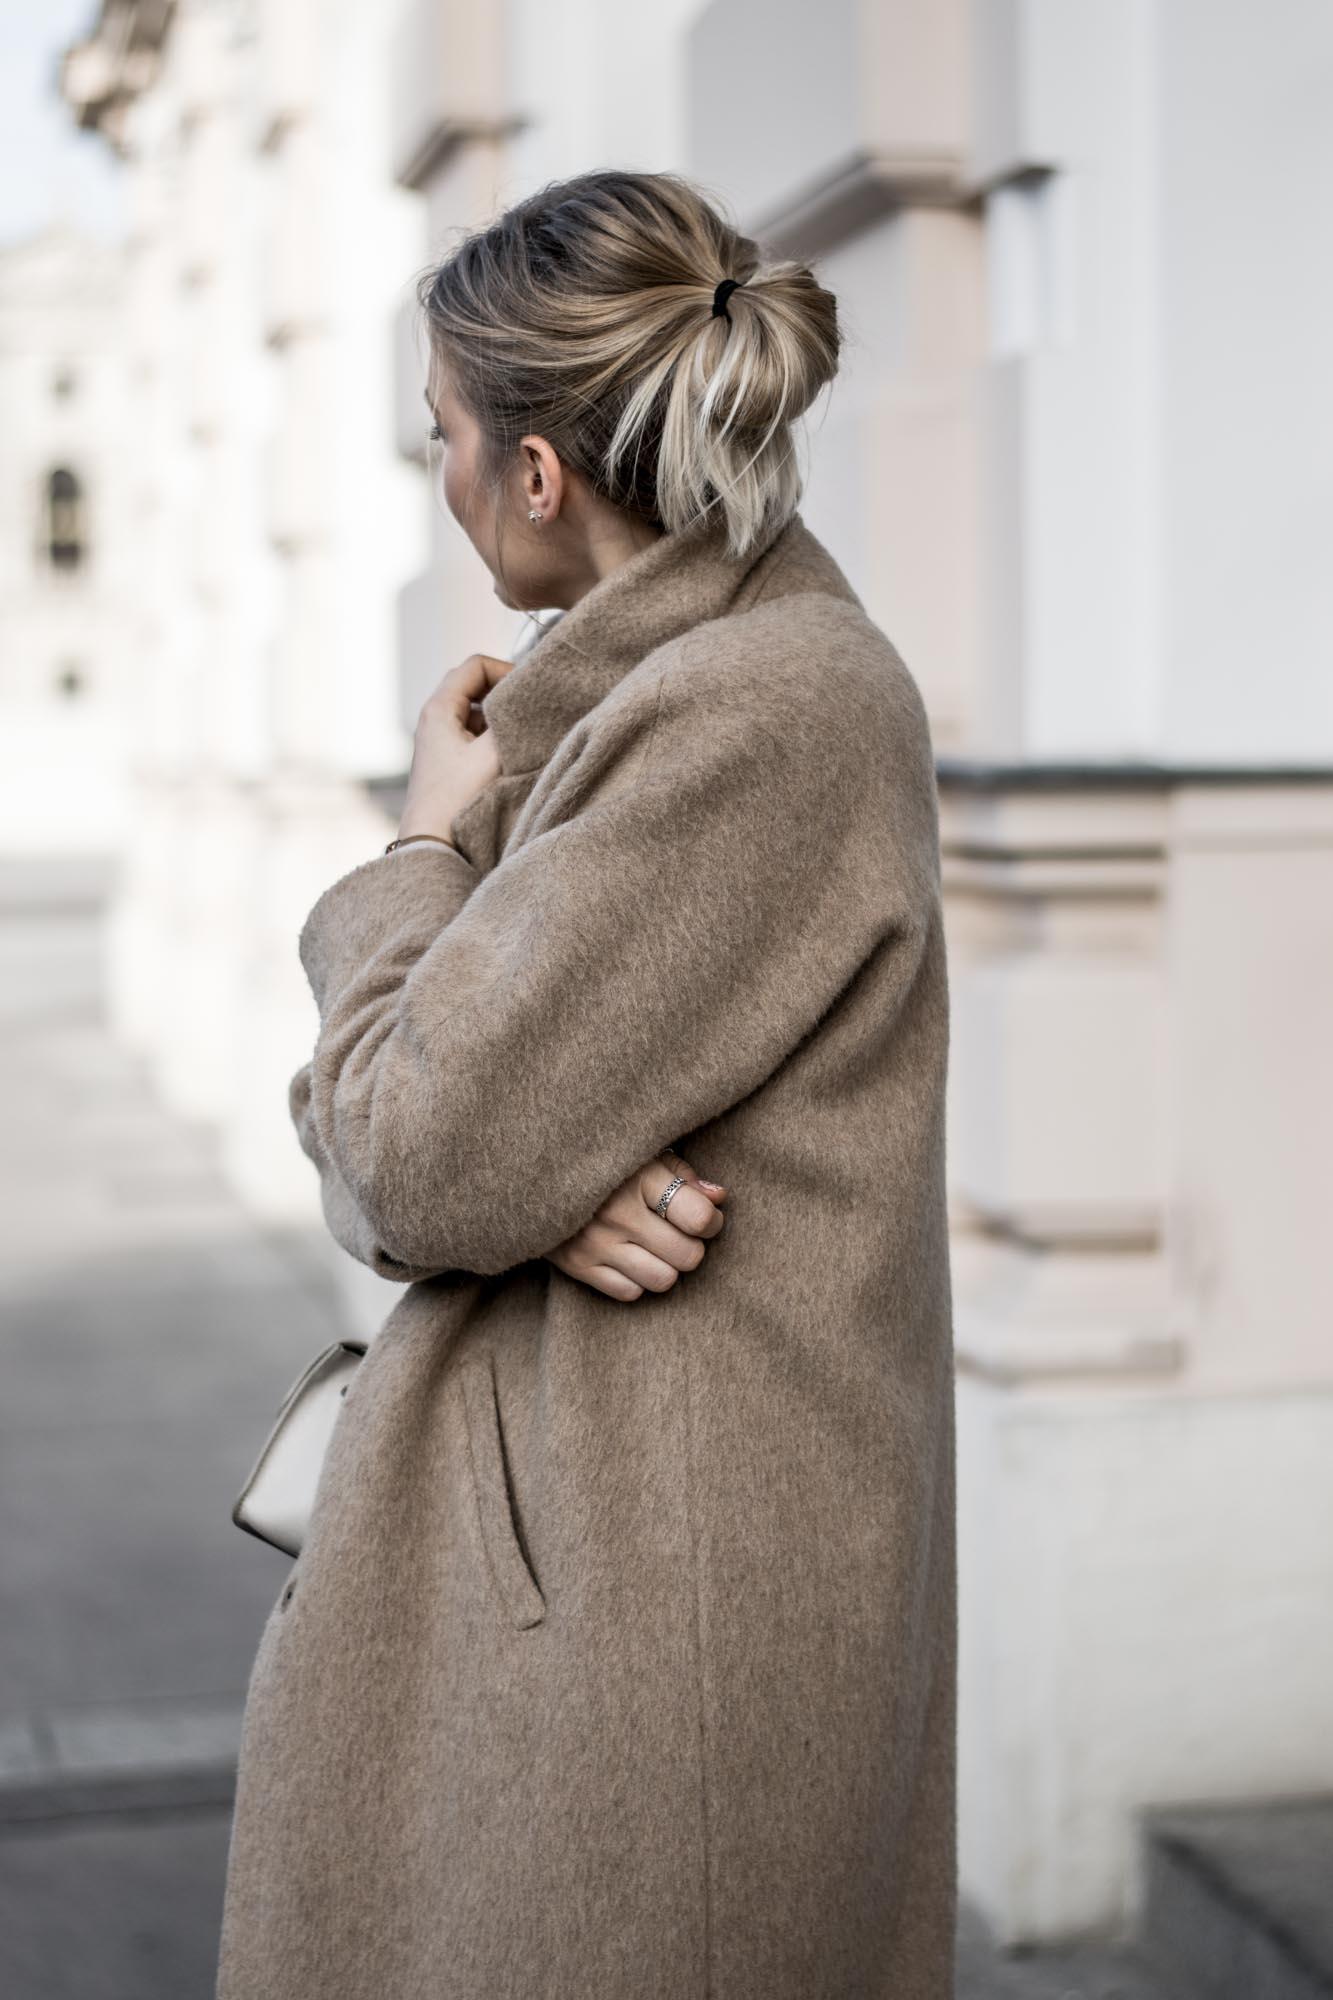 giveherglitter-camelcoat-fashionblog-4